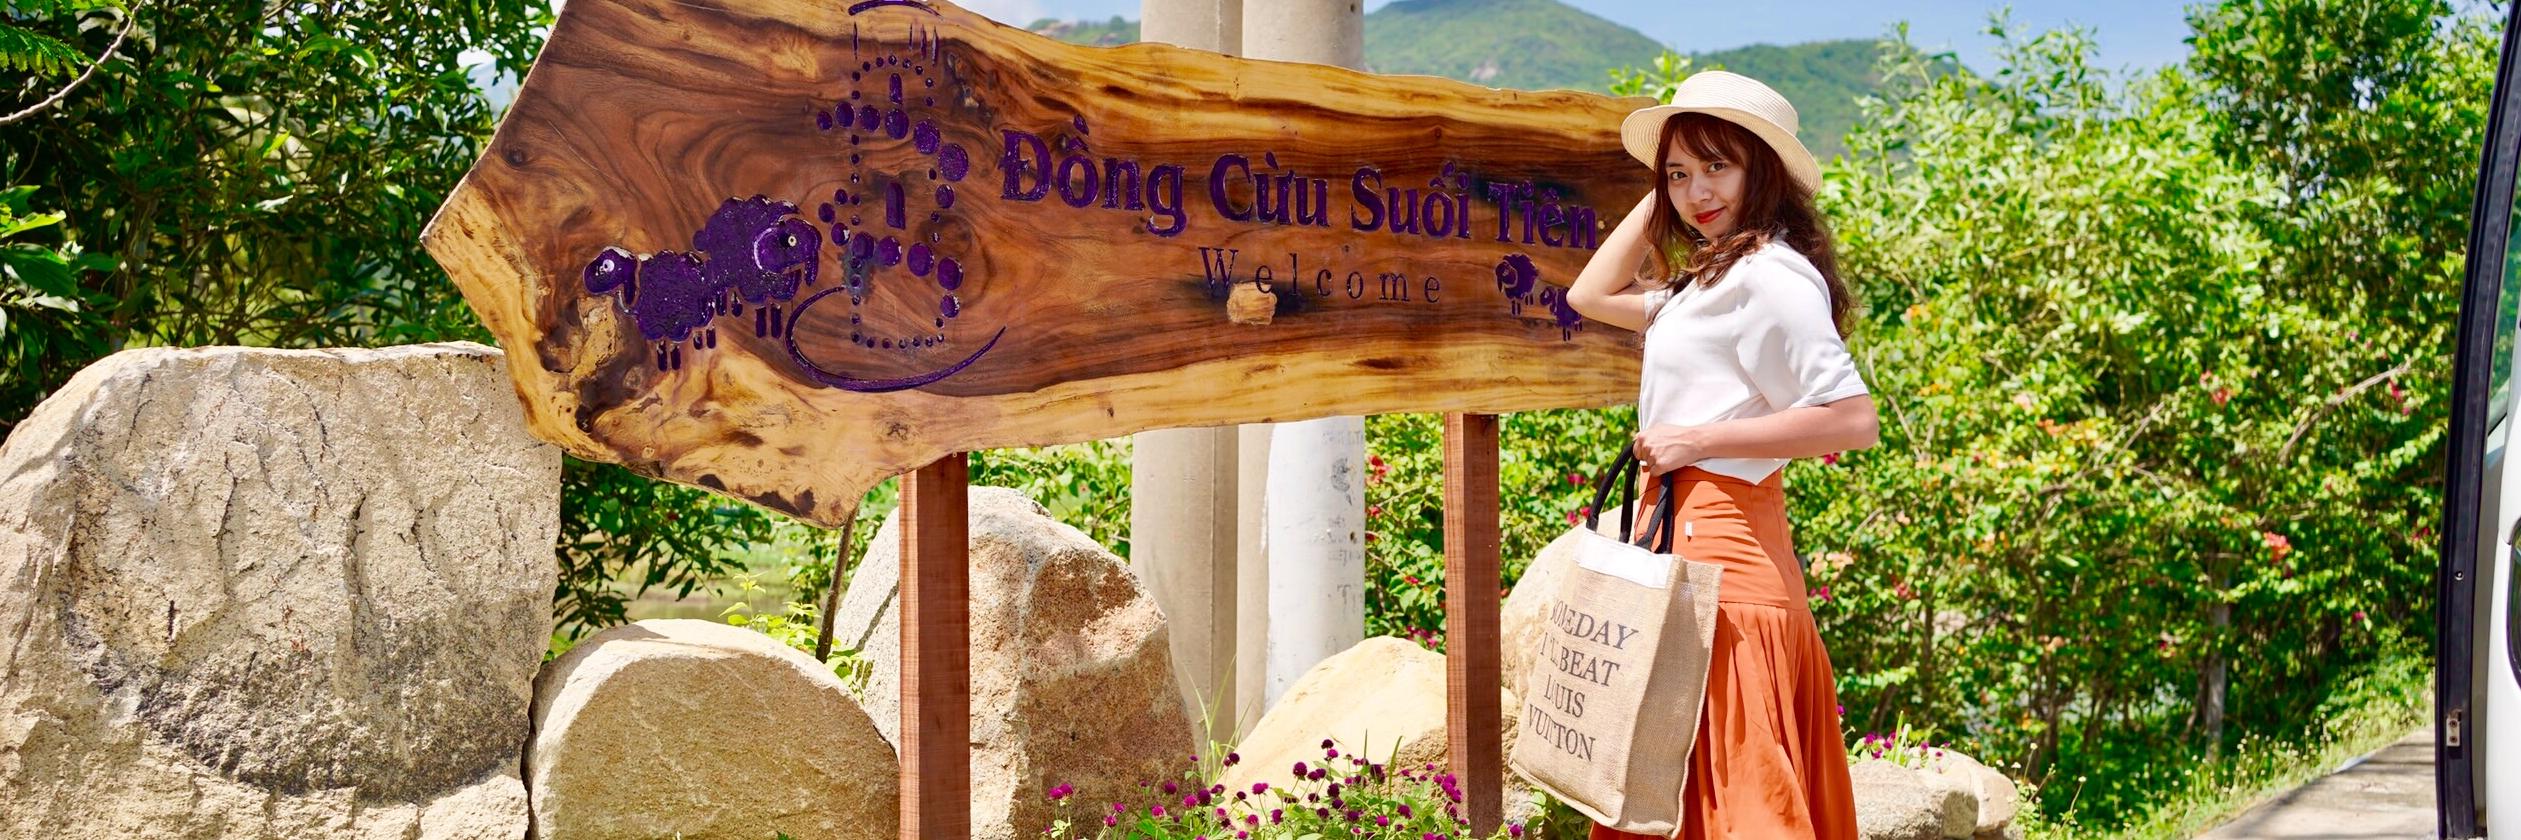 https://gody.vn/blog/olipnoi4502/post/cam-nhan-ve-dep-thanh-binh-cua-dong-cuu-suoi-tien-mua-lua-chin-cung-to-8667